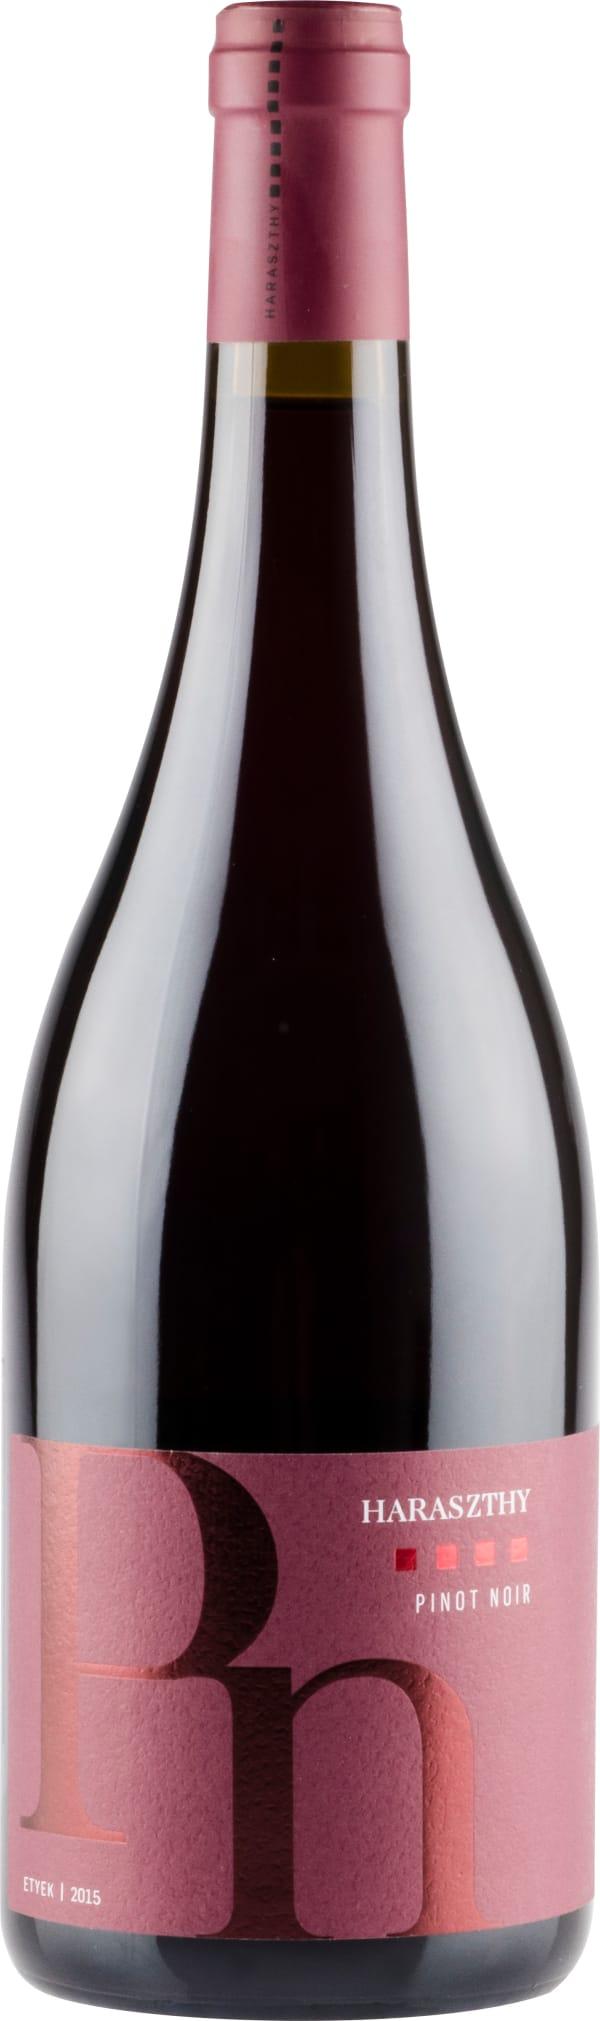 Haraszthy Pinot Noir 2017